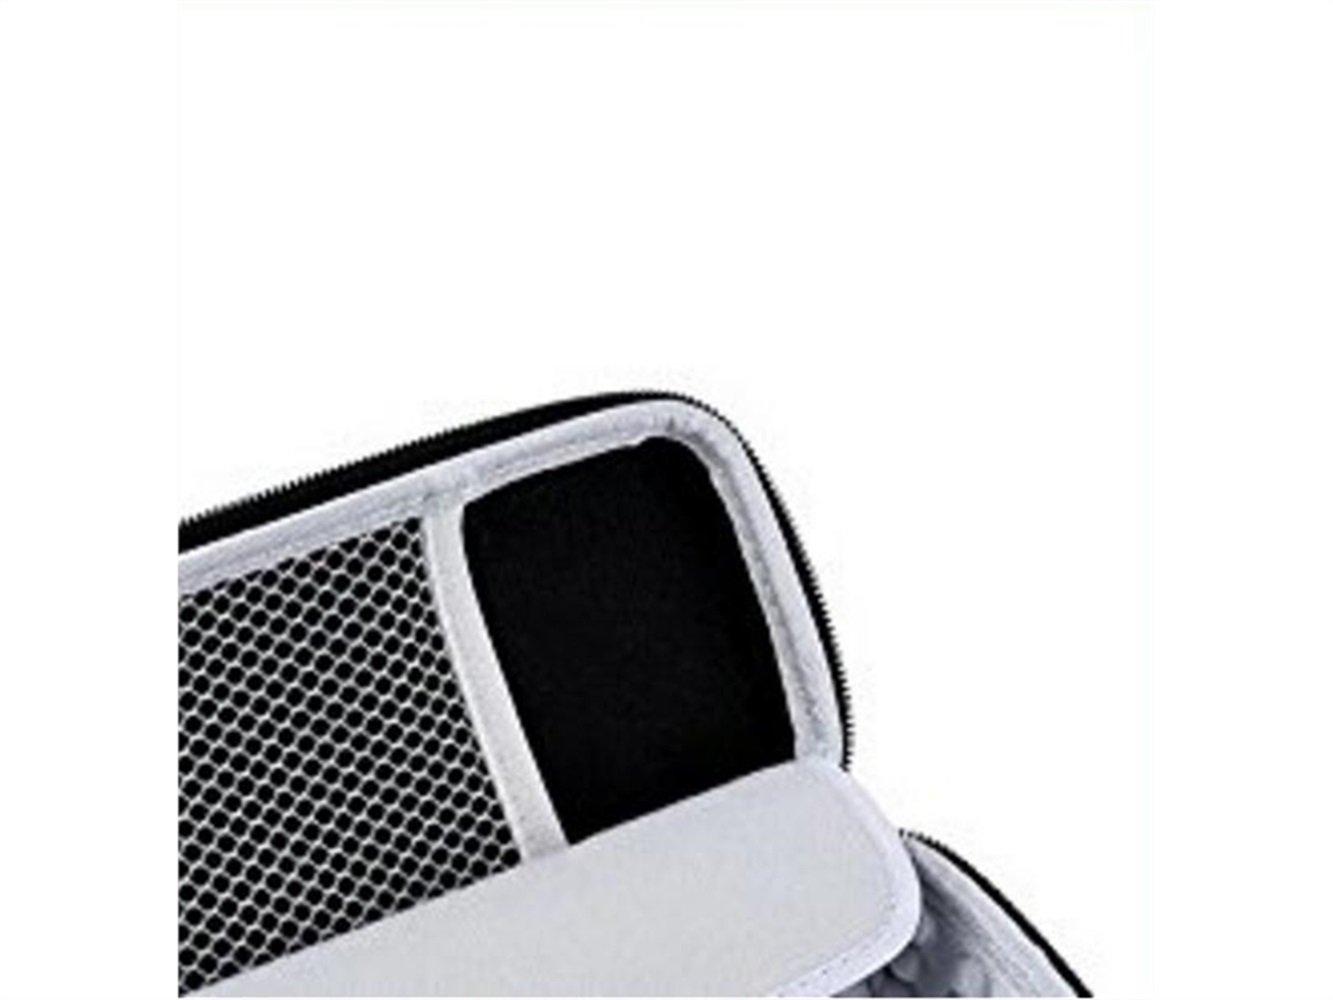 noir Accueil /Étui de rangement pour haut-parleur sans fil Blueetooth sans fil semi-rigide pour la vie quotidienne